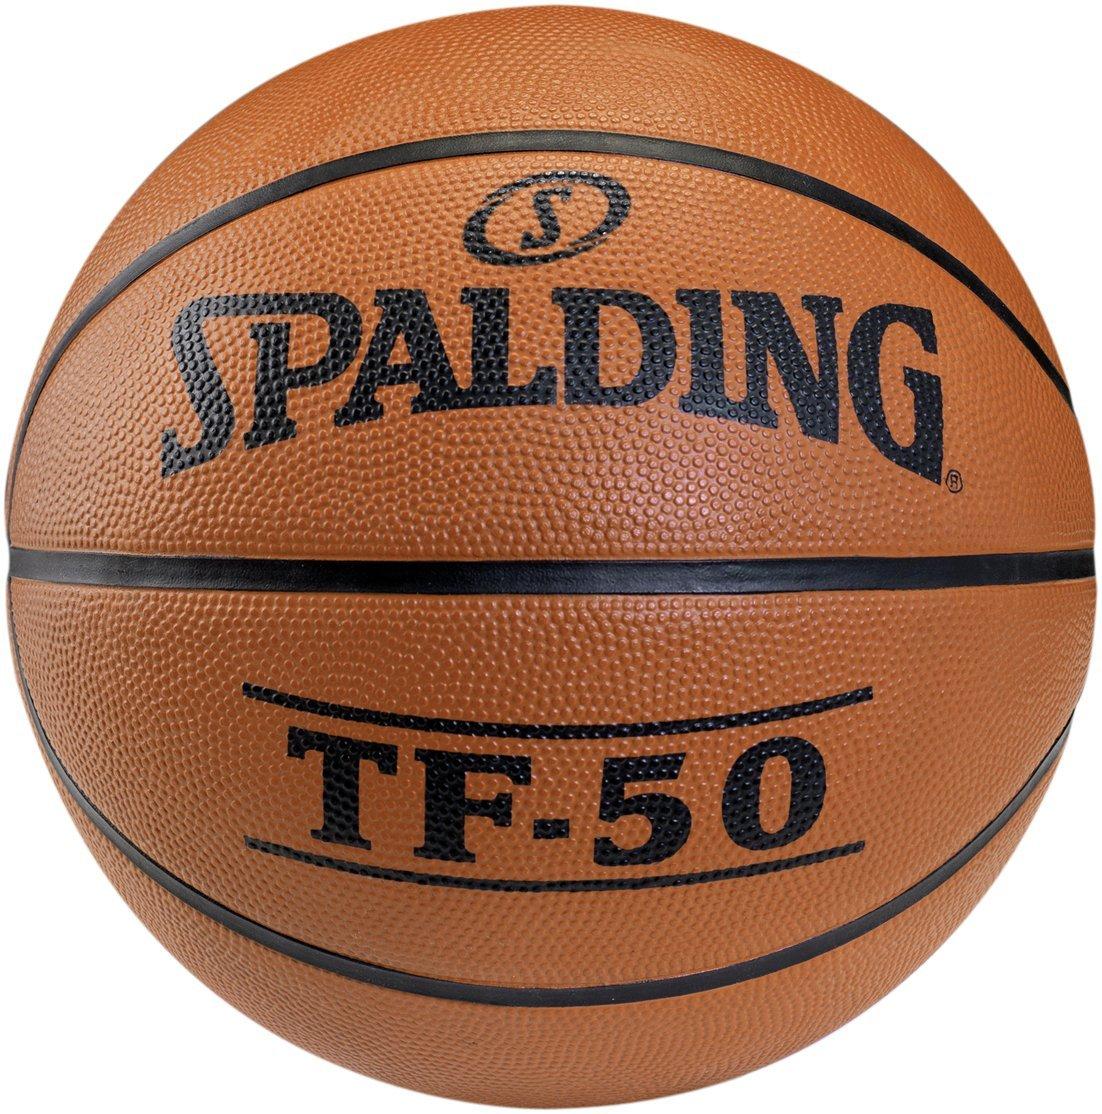 comprar Spalding TF50 Outdoor opiniones